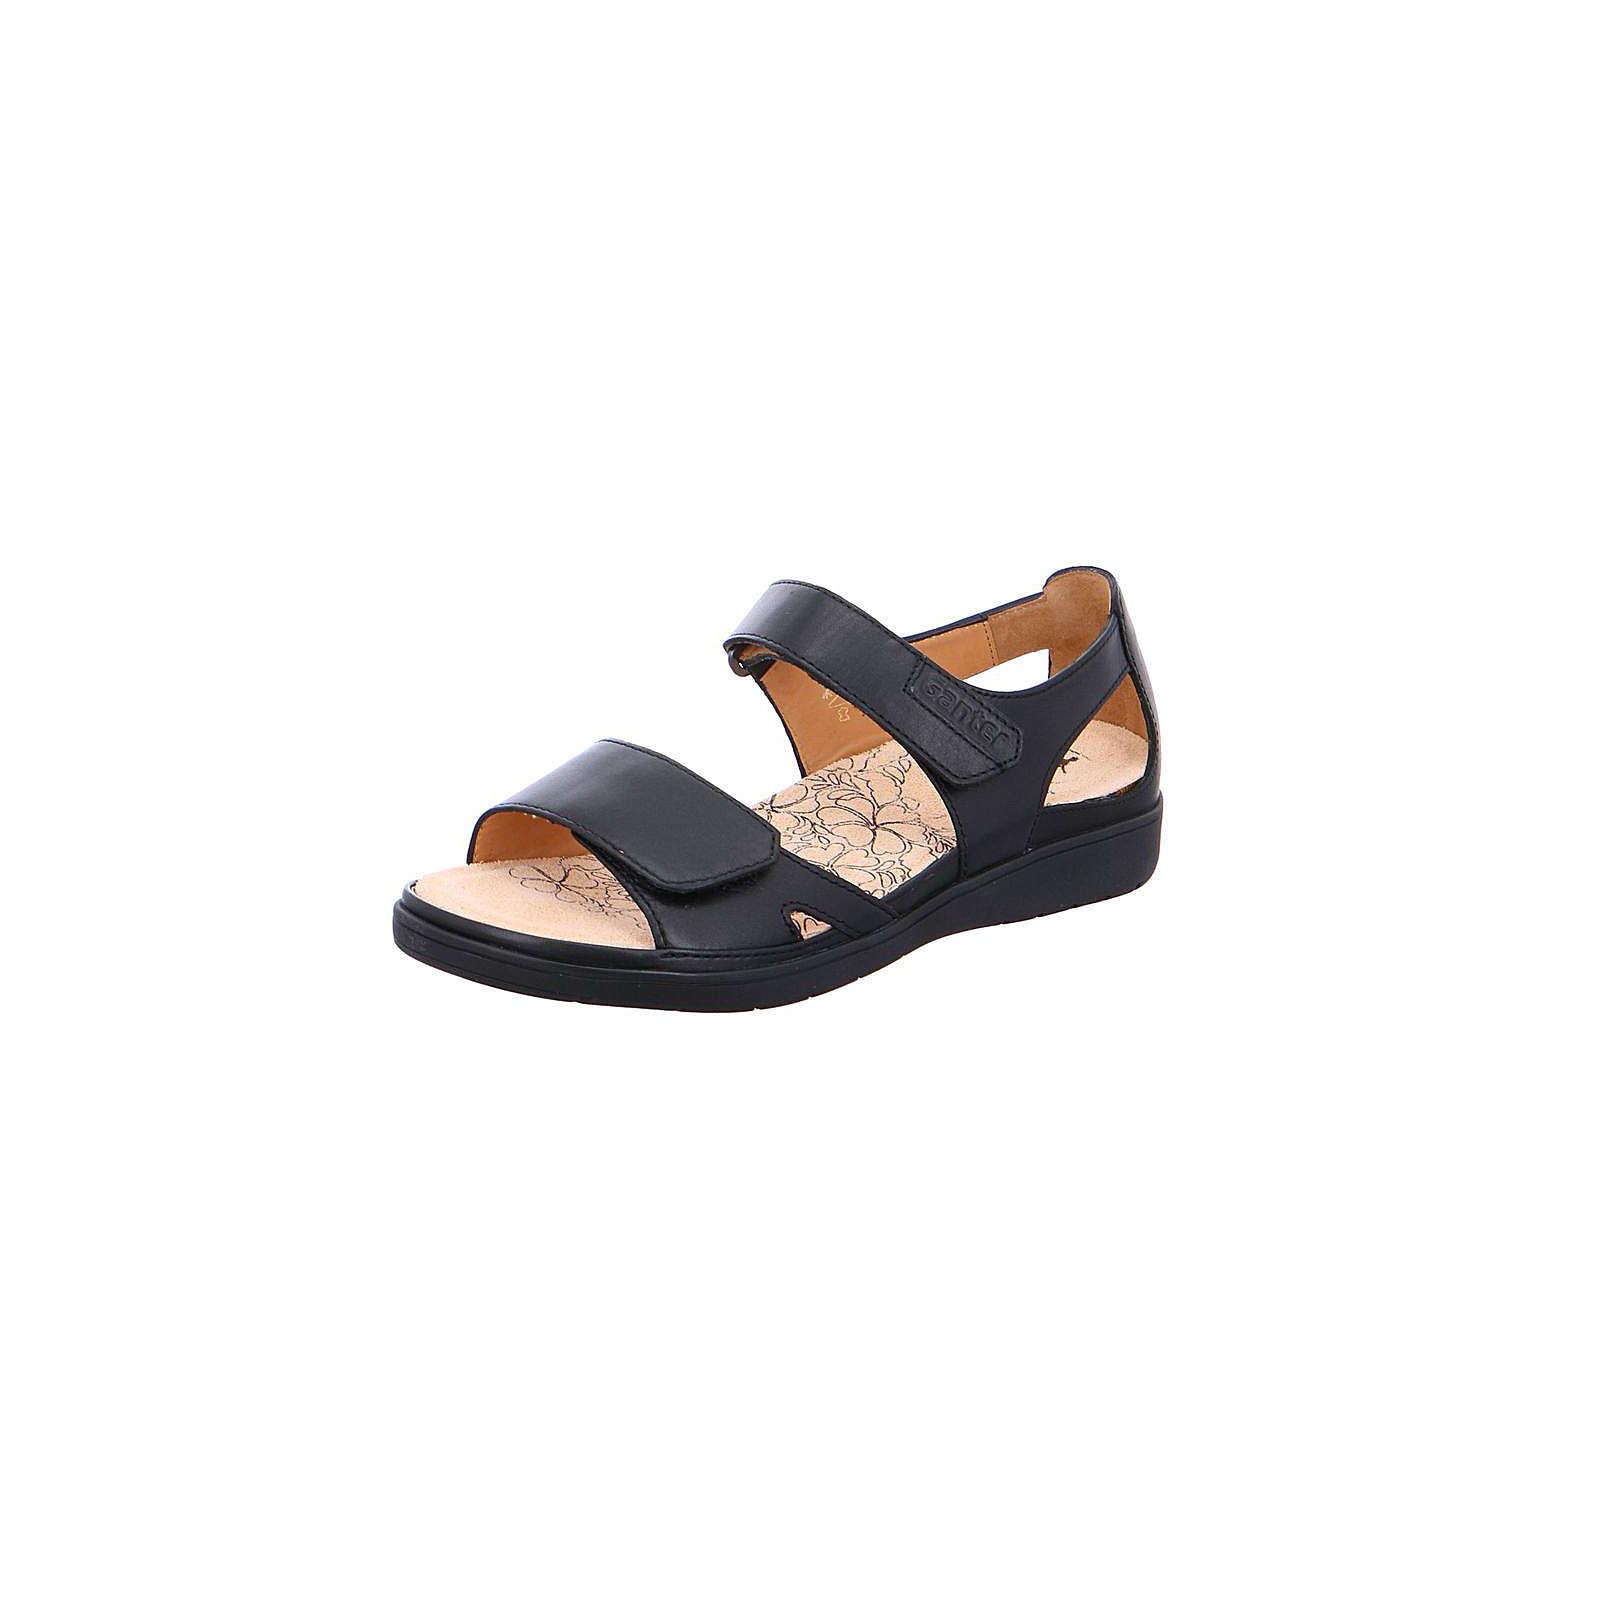 Ganter Klassische Sandalen schwarz Damen Gr. 37